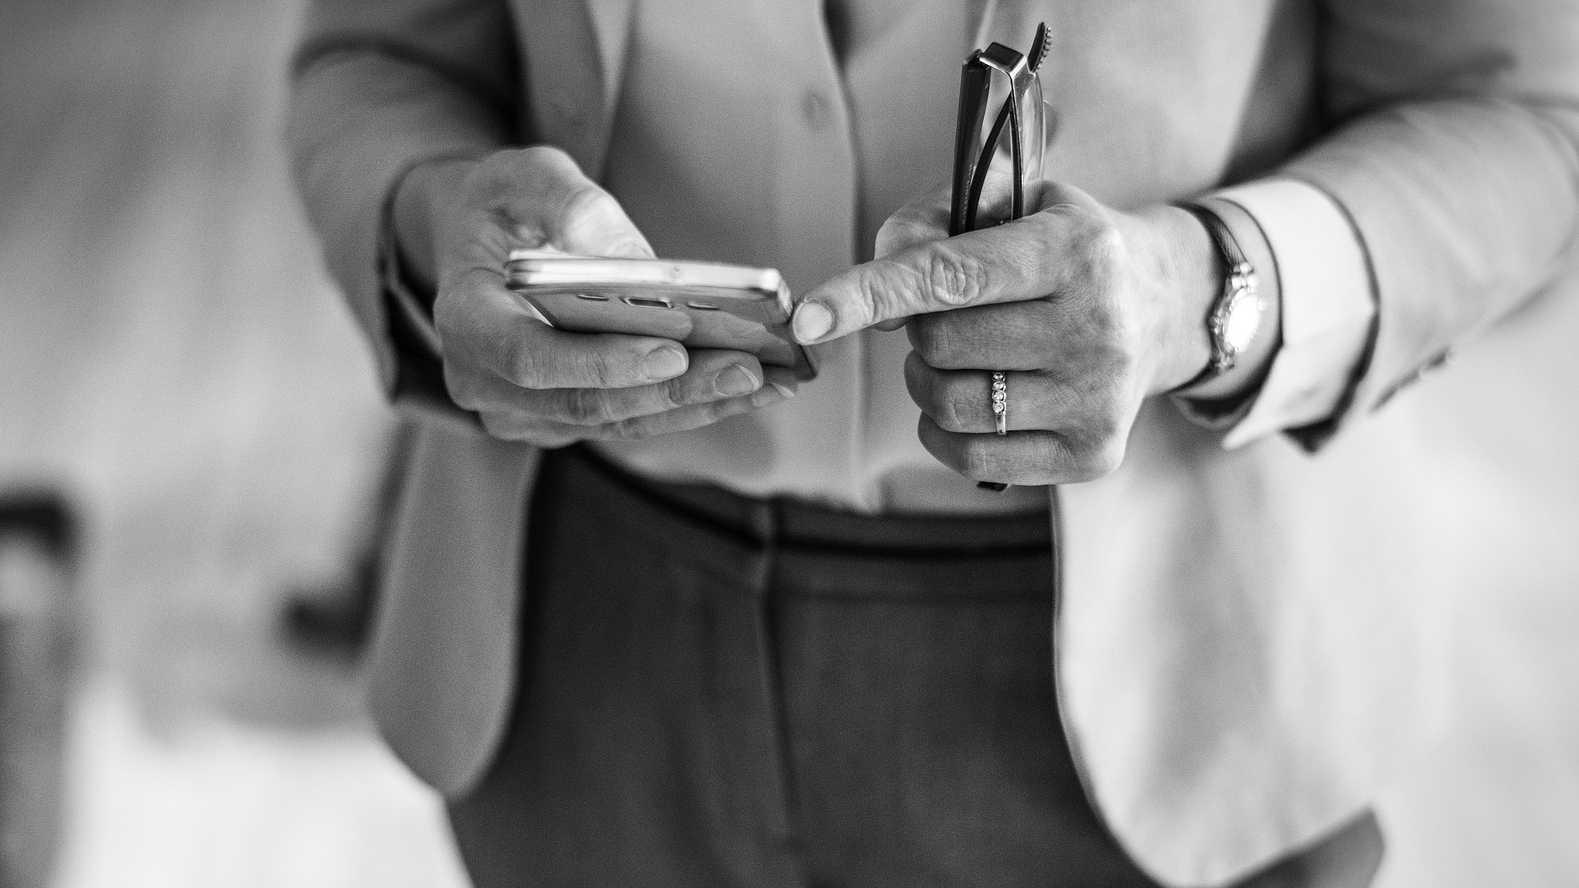 Bundesverfassungsgericht: Mail-Provider muss IP-Adressen herausgeben